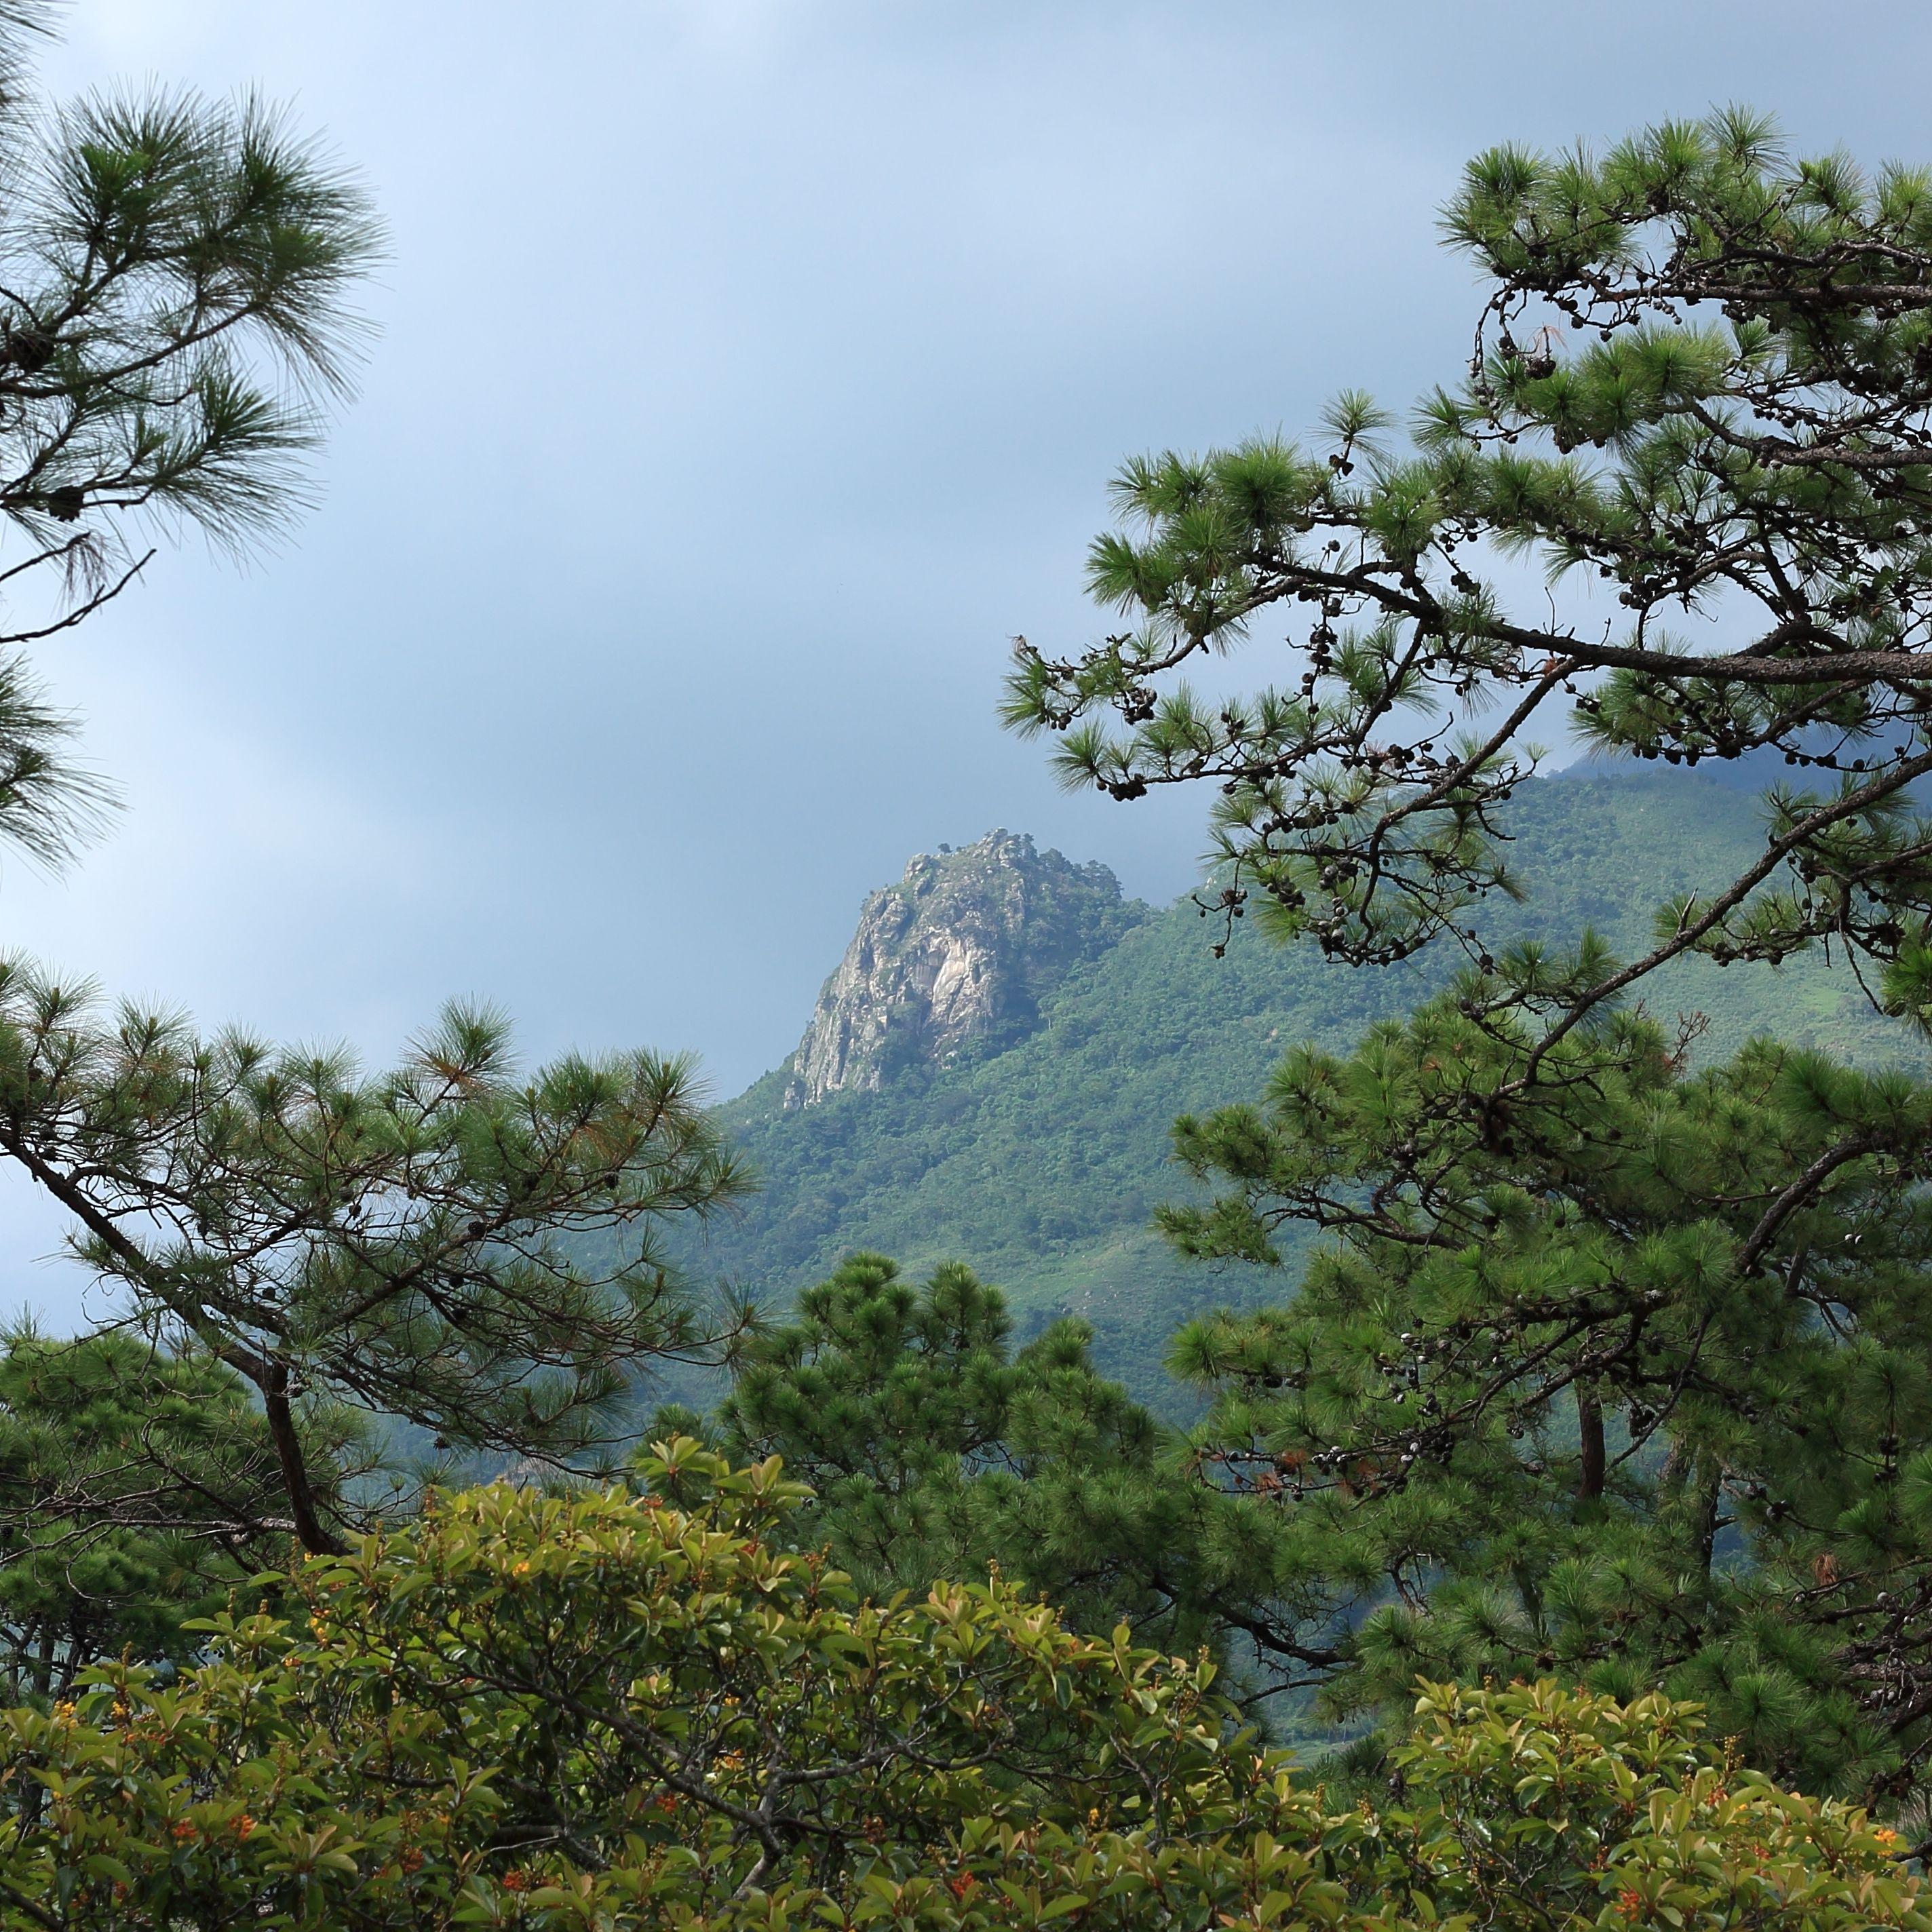 El Pital, highest mountain in El Salvador